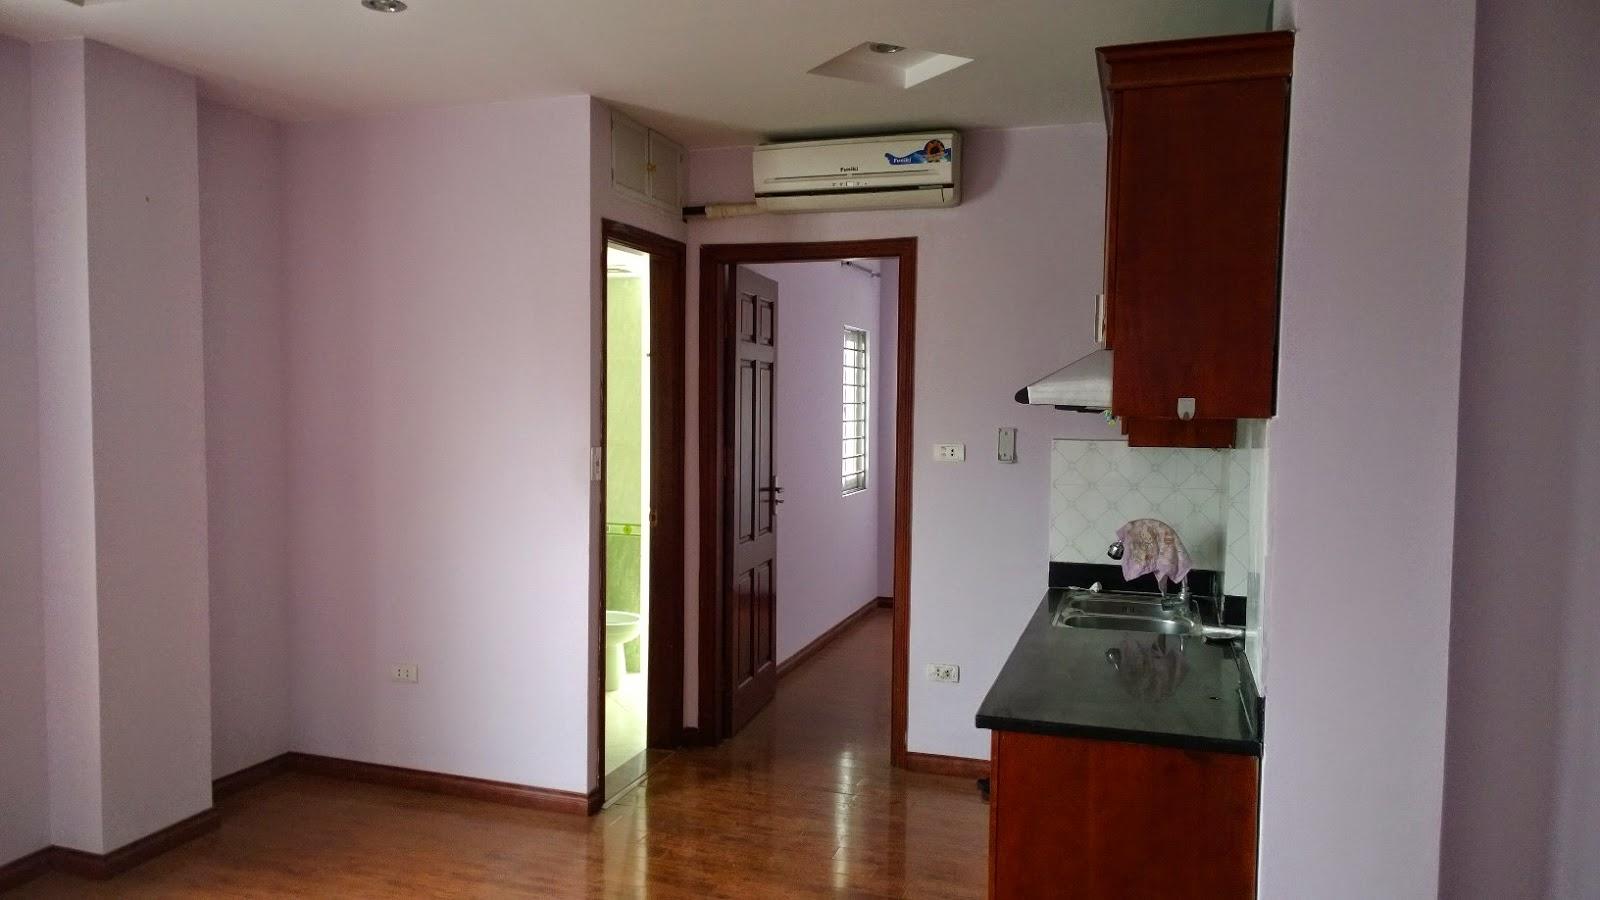 Chung cư mini Trung Văn giá rẻ với những nội thất hiện đại